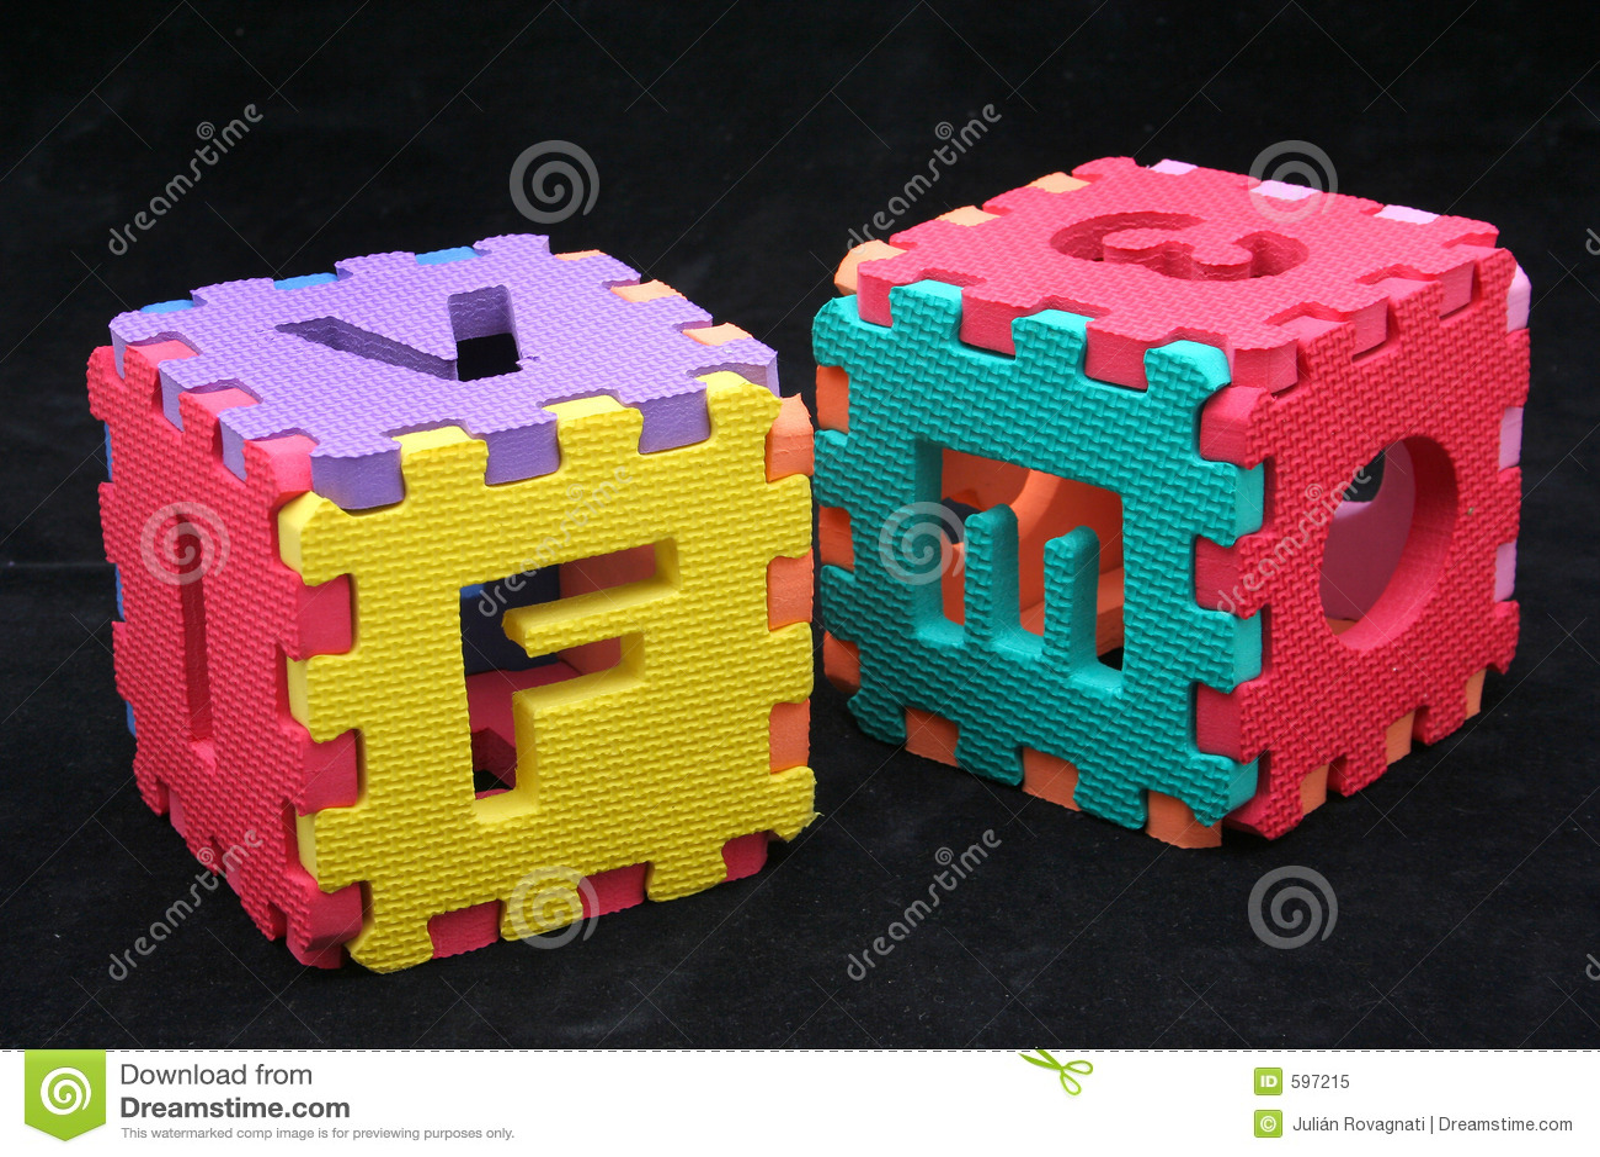 головоломка пем кубиков